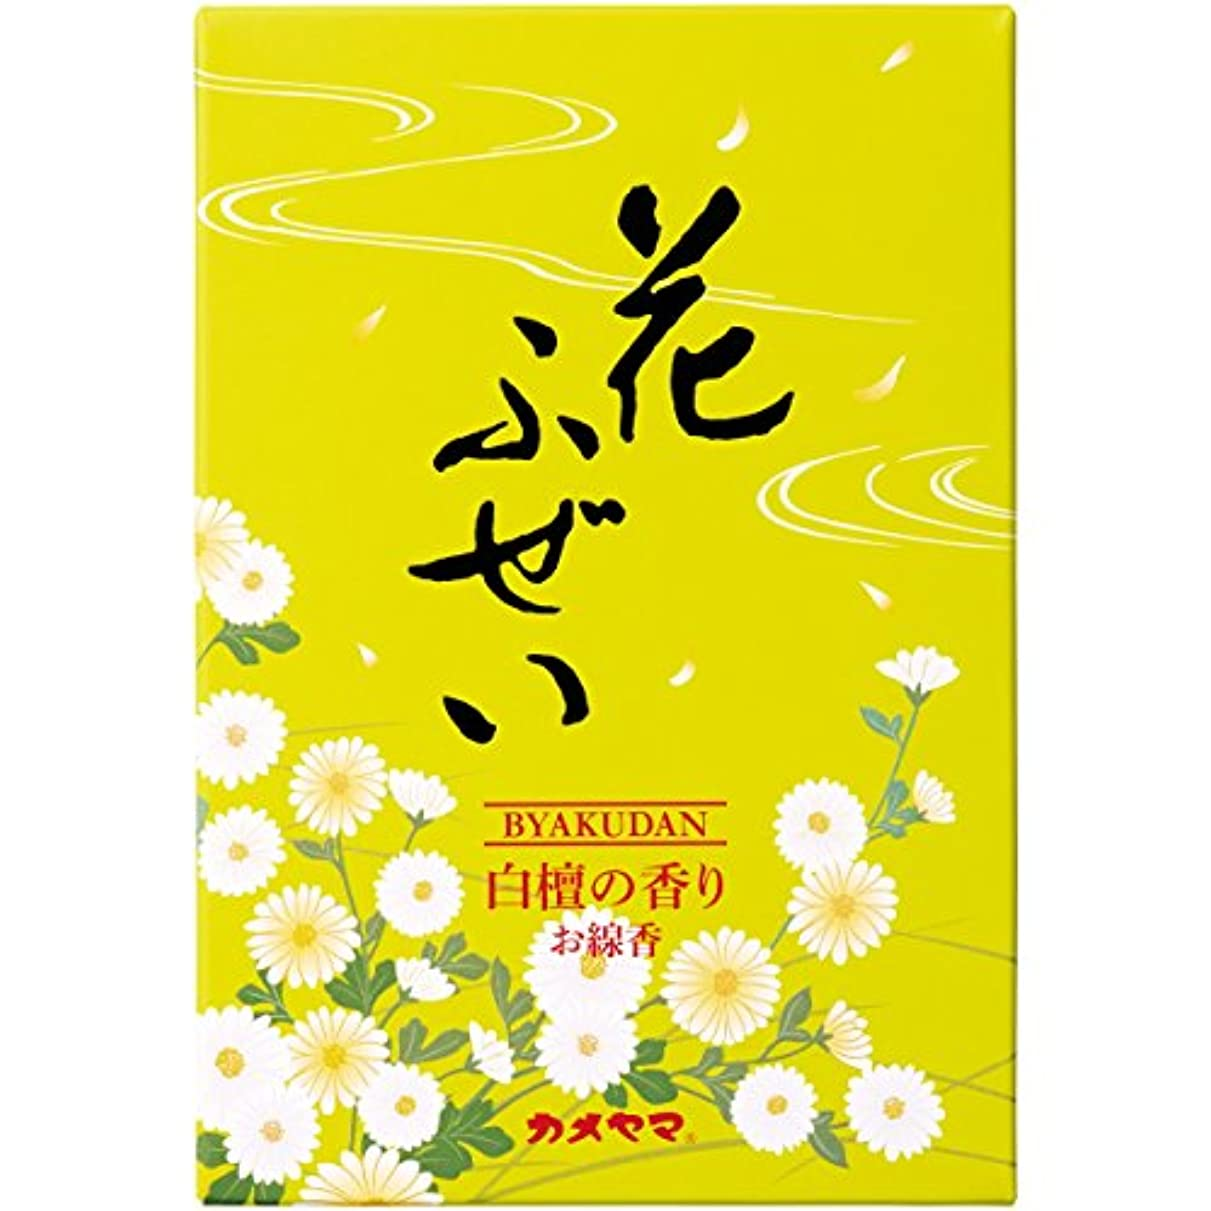 拍手春引き金カメヤマ 花ふぜい(黄)白檀 徳用大型